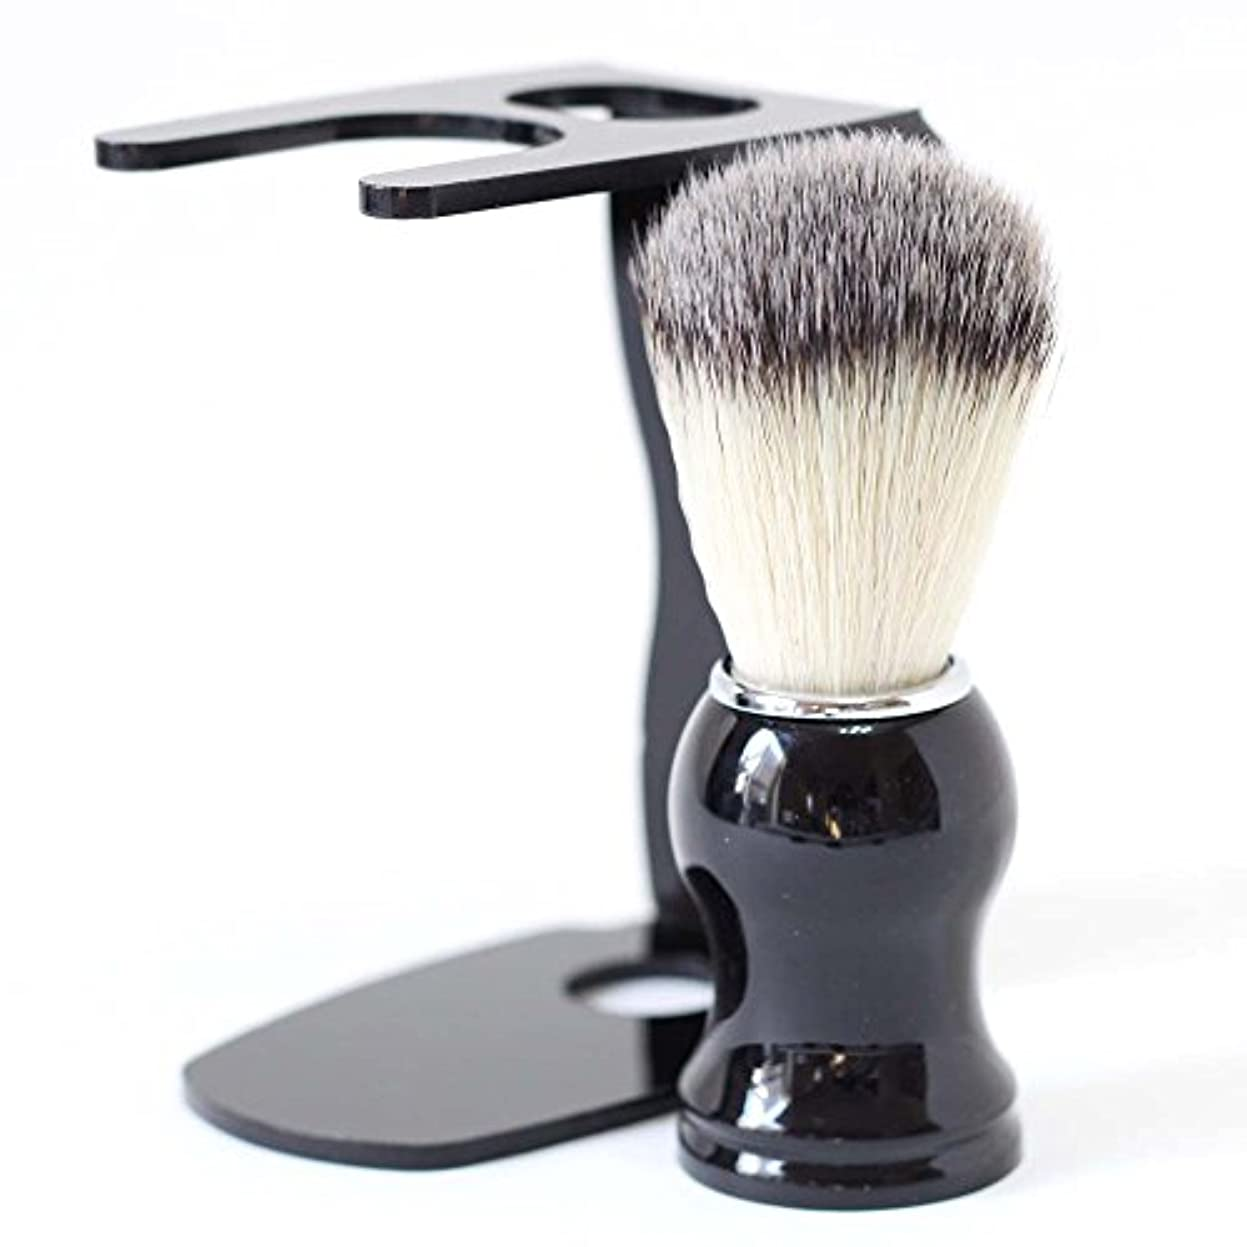 居住者力学椅子【Barsado】泡立ちが違う 100% アナグマ 毛 シェービング ブラシ スタンド付き/理容 洗顔 髭剃り マッサージ 効果